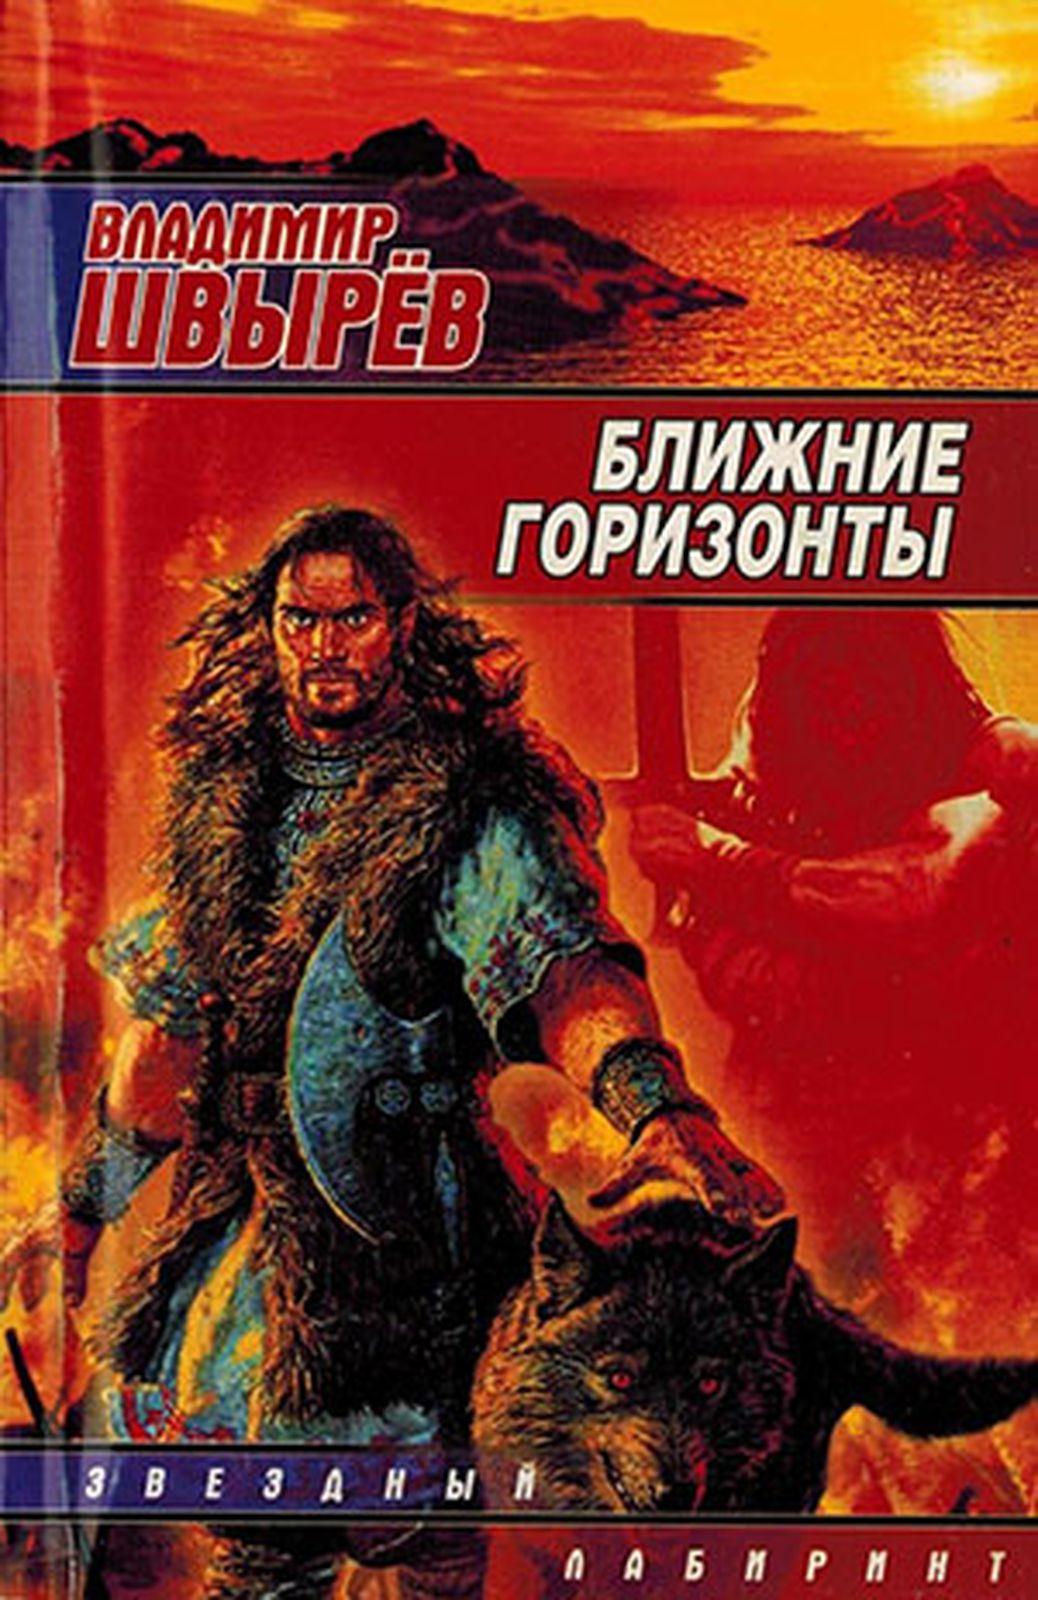 купить Швырев В. Ближние горизонты по цене 83 рублей